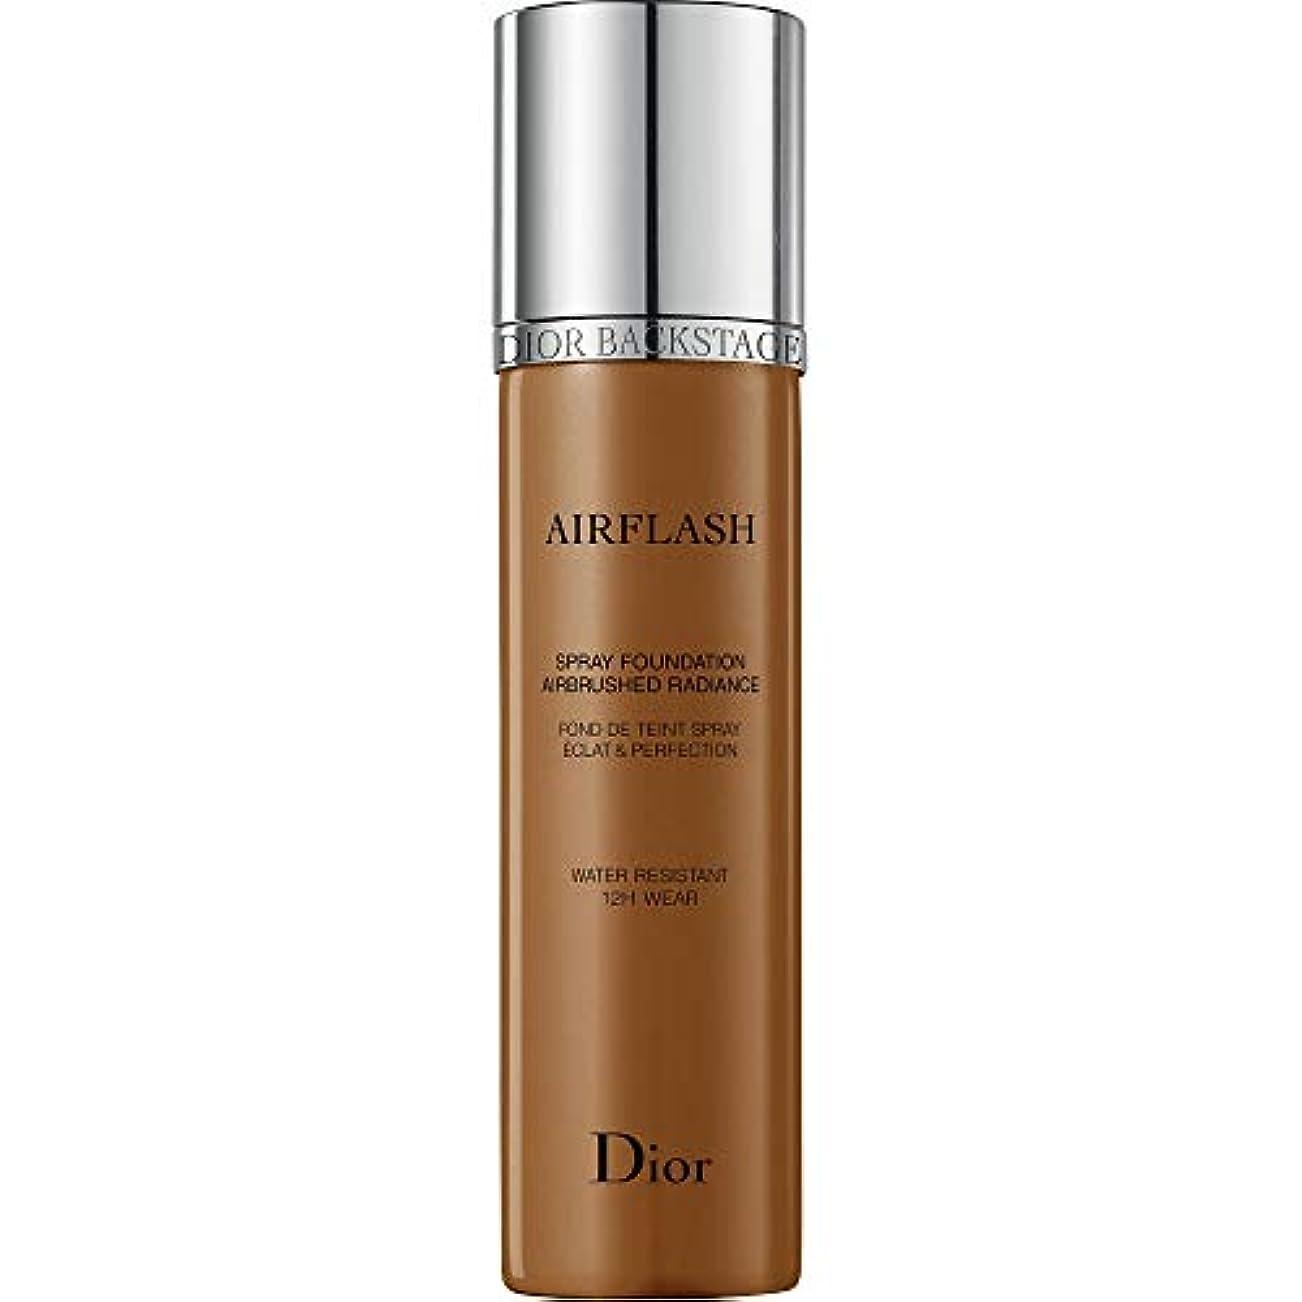 叫び声恐ろしいマトン[Dior ] ディオールディオールスキンAirflashスプレー基礎70ミリリットル600 - モカ - DIOR Diorskin Airflash Spray Foundation 70ml 600 - Mocha...